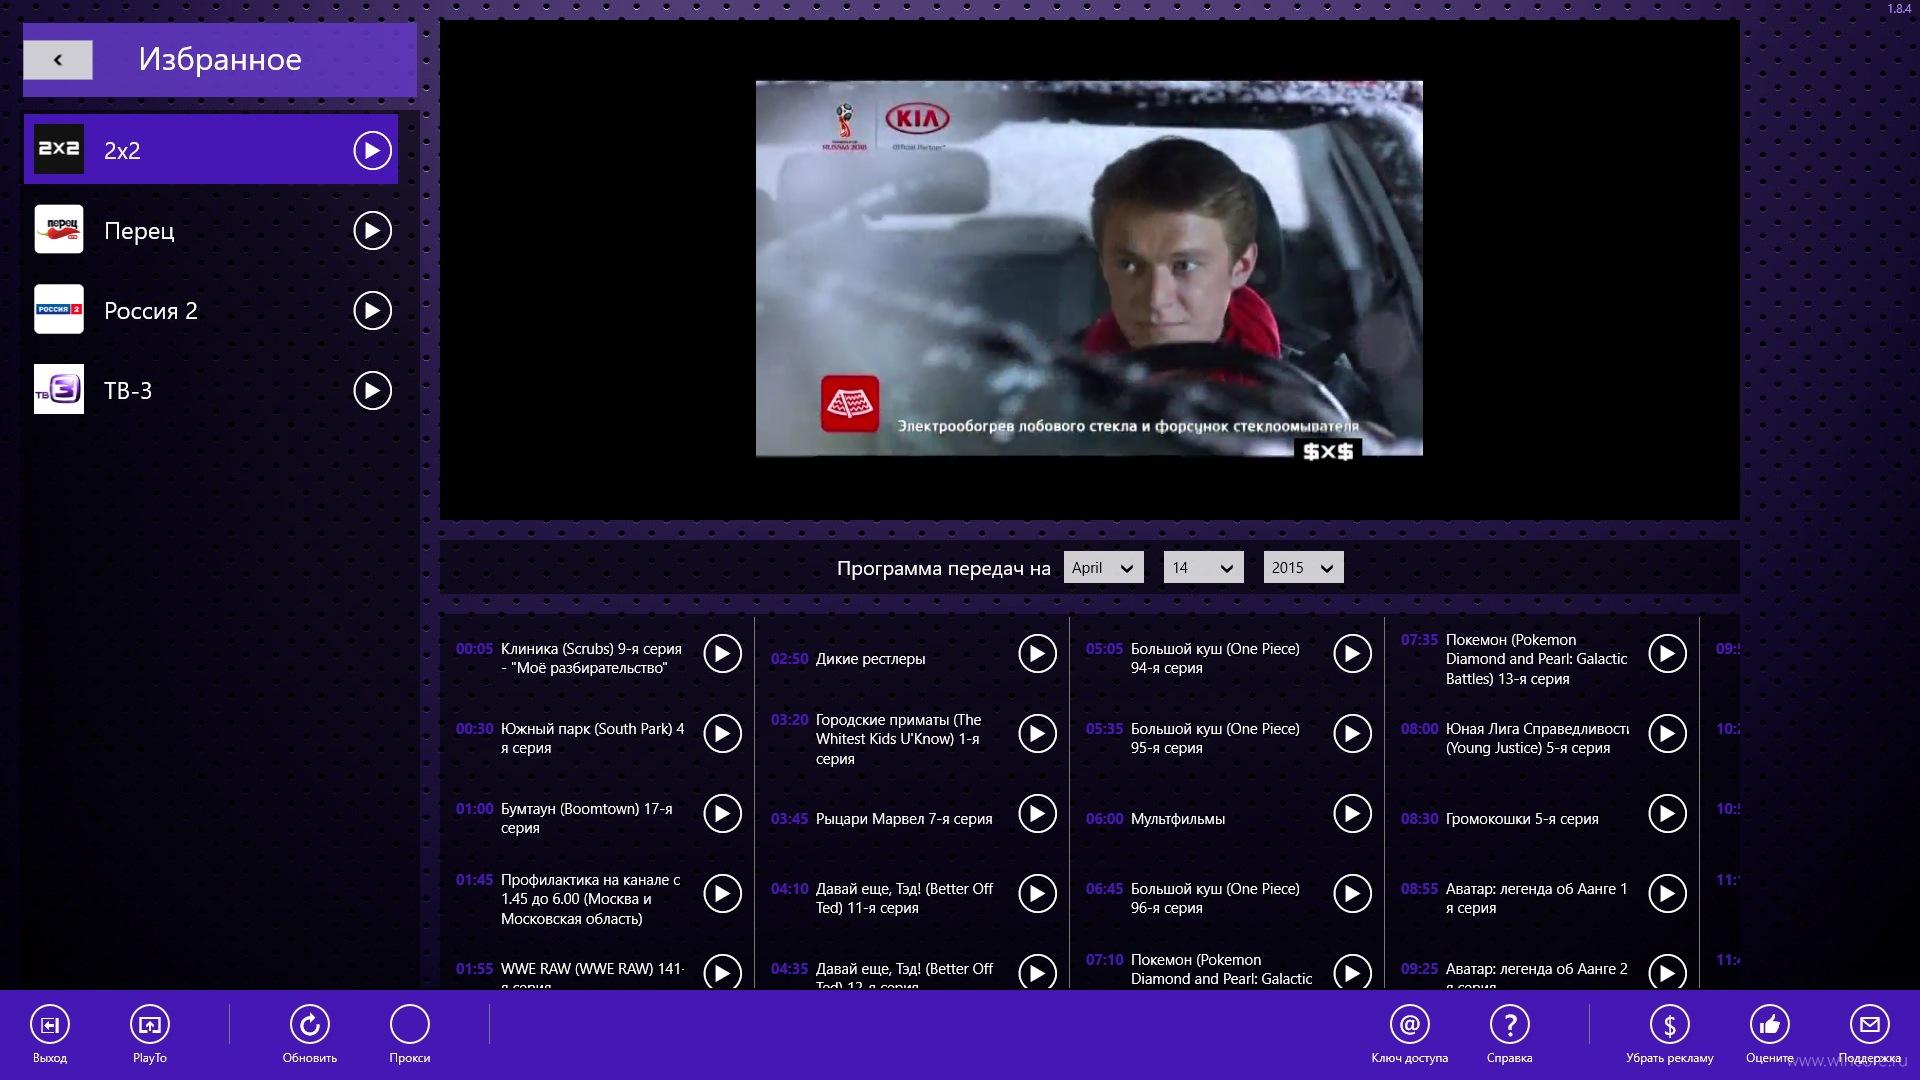 Тв программа российские телеканалы смотреть онлайн 24 фотография